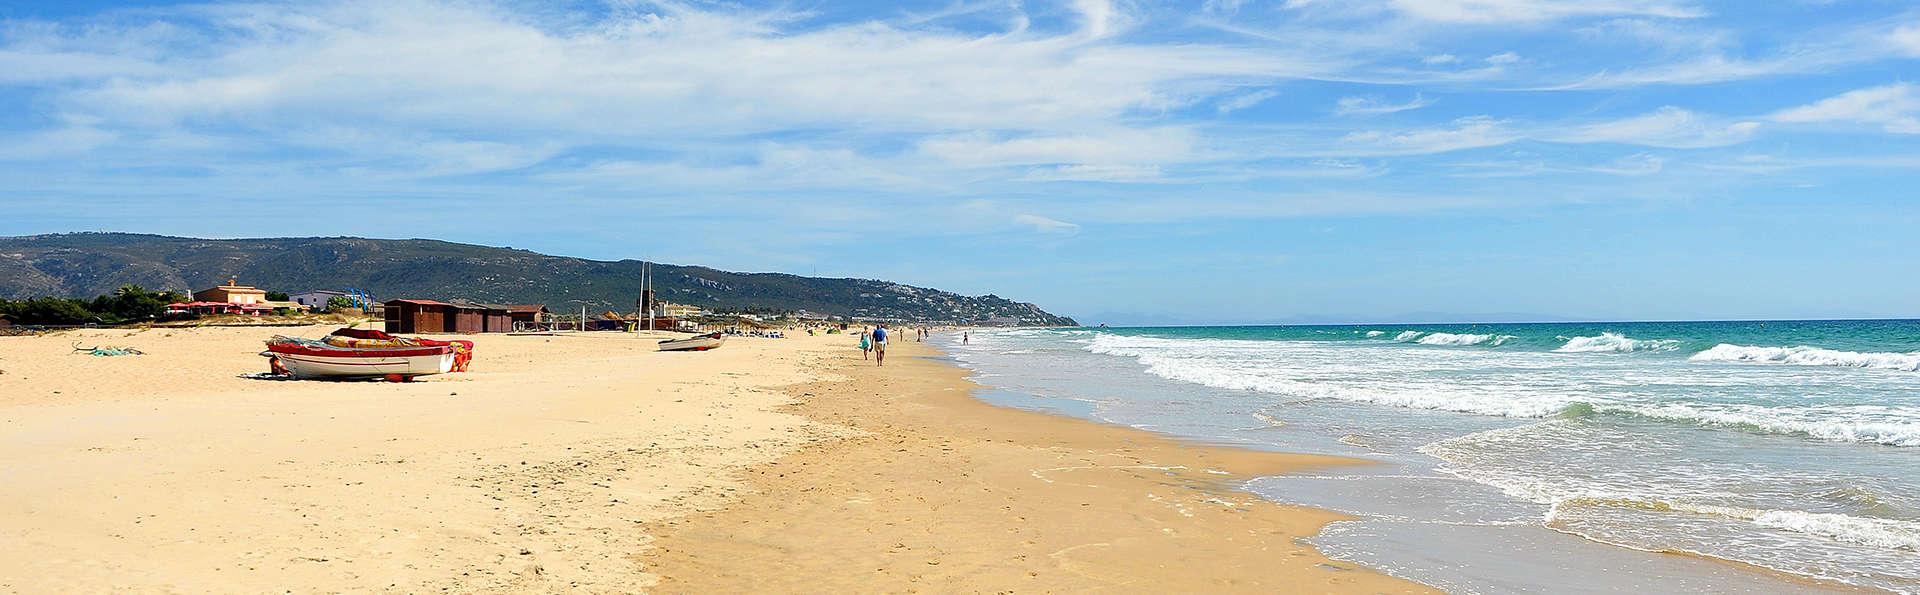 Disfruta de unas vistas preciosas al mar a pie de playa en Zahara de los Atunes